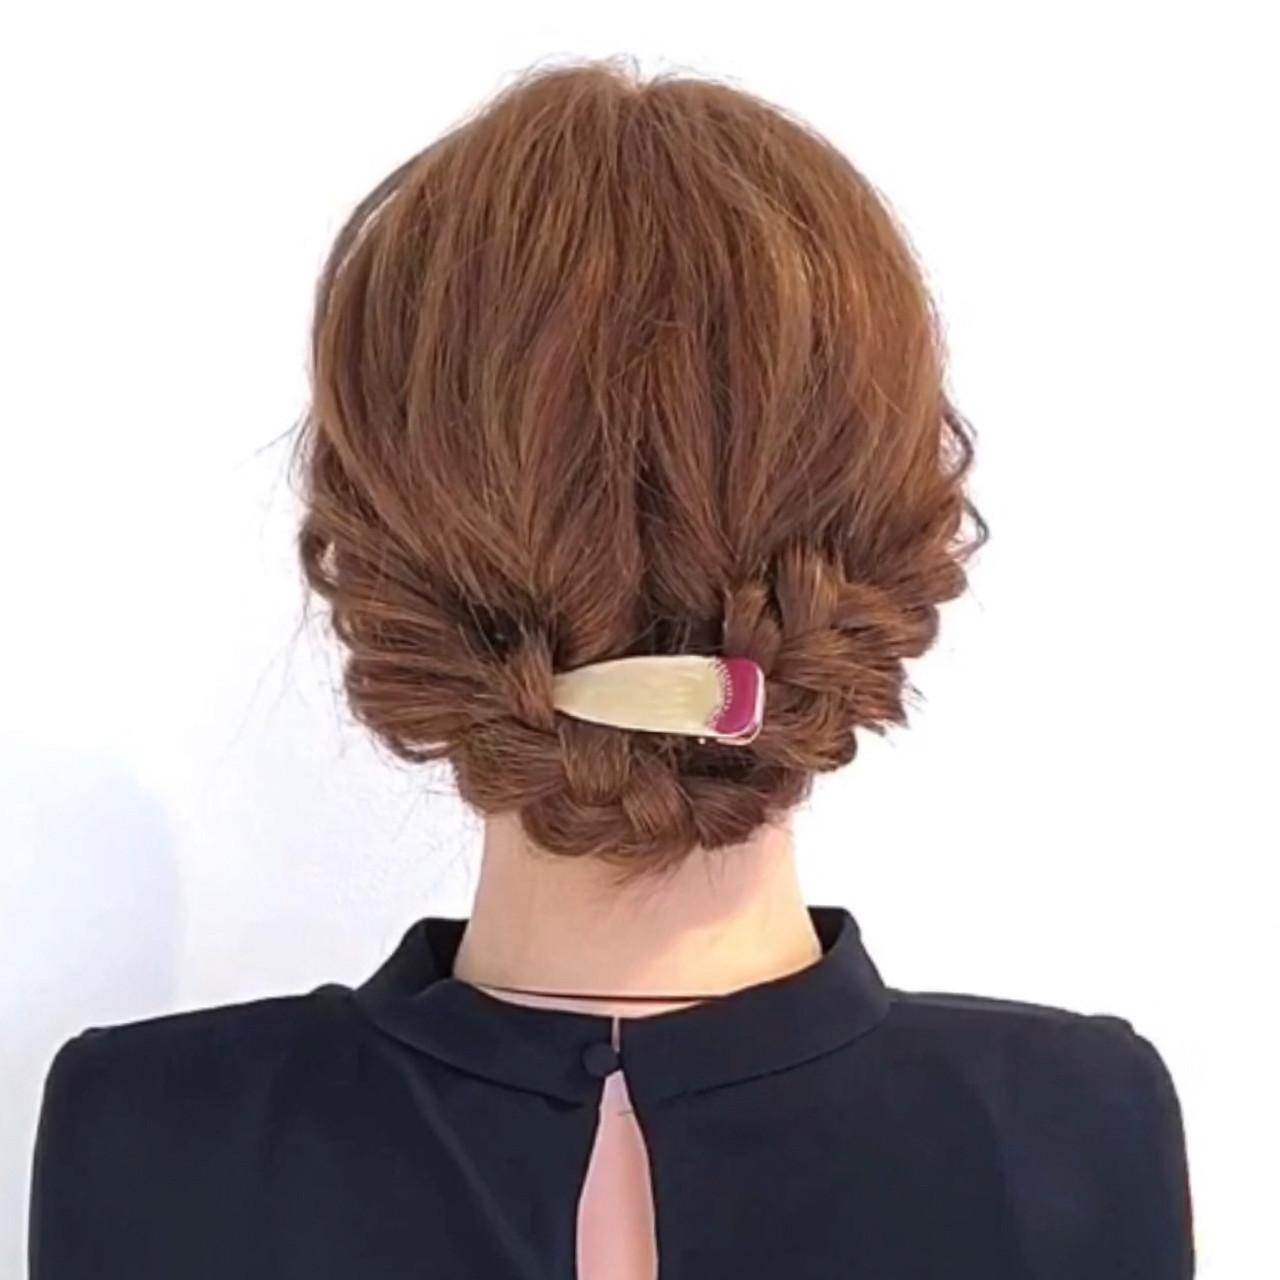 エレガント ヘアアレンジ 三つ編み アップスタイル ヘアスタイルや髪型の写真・画像